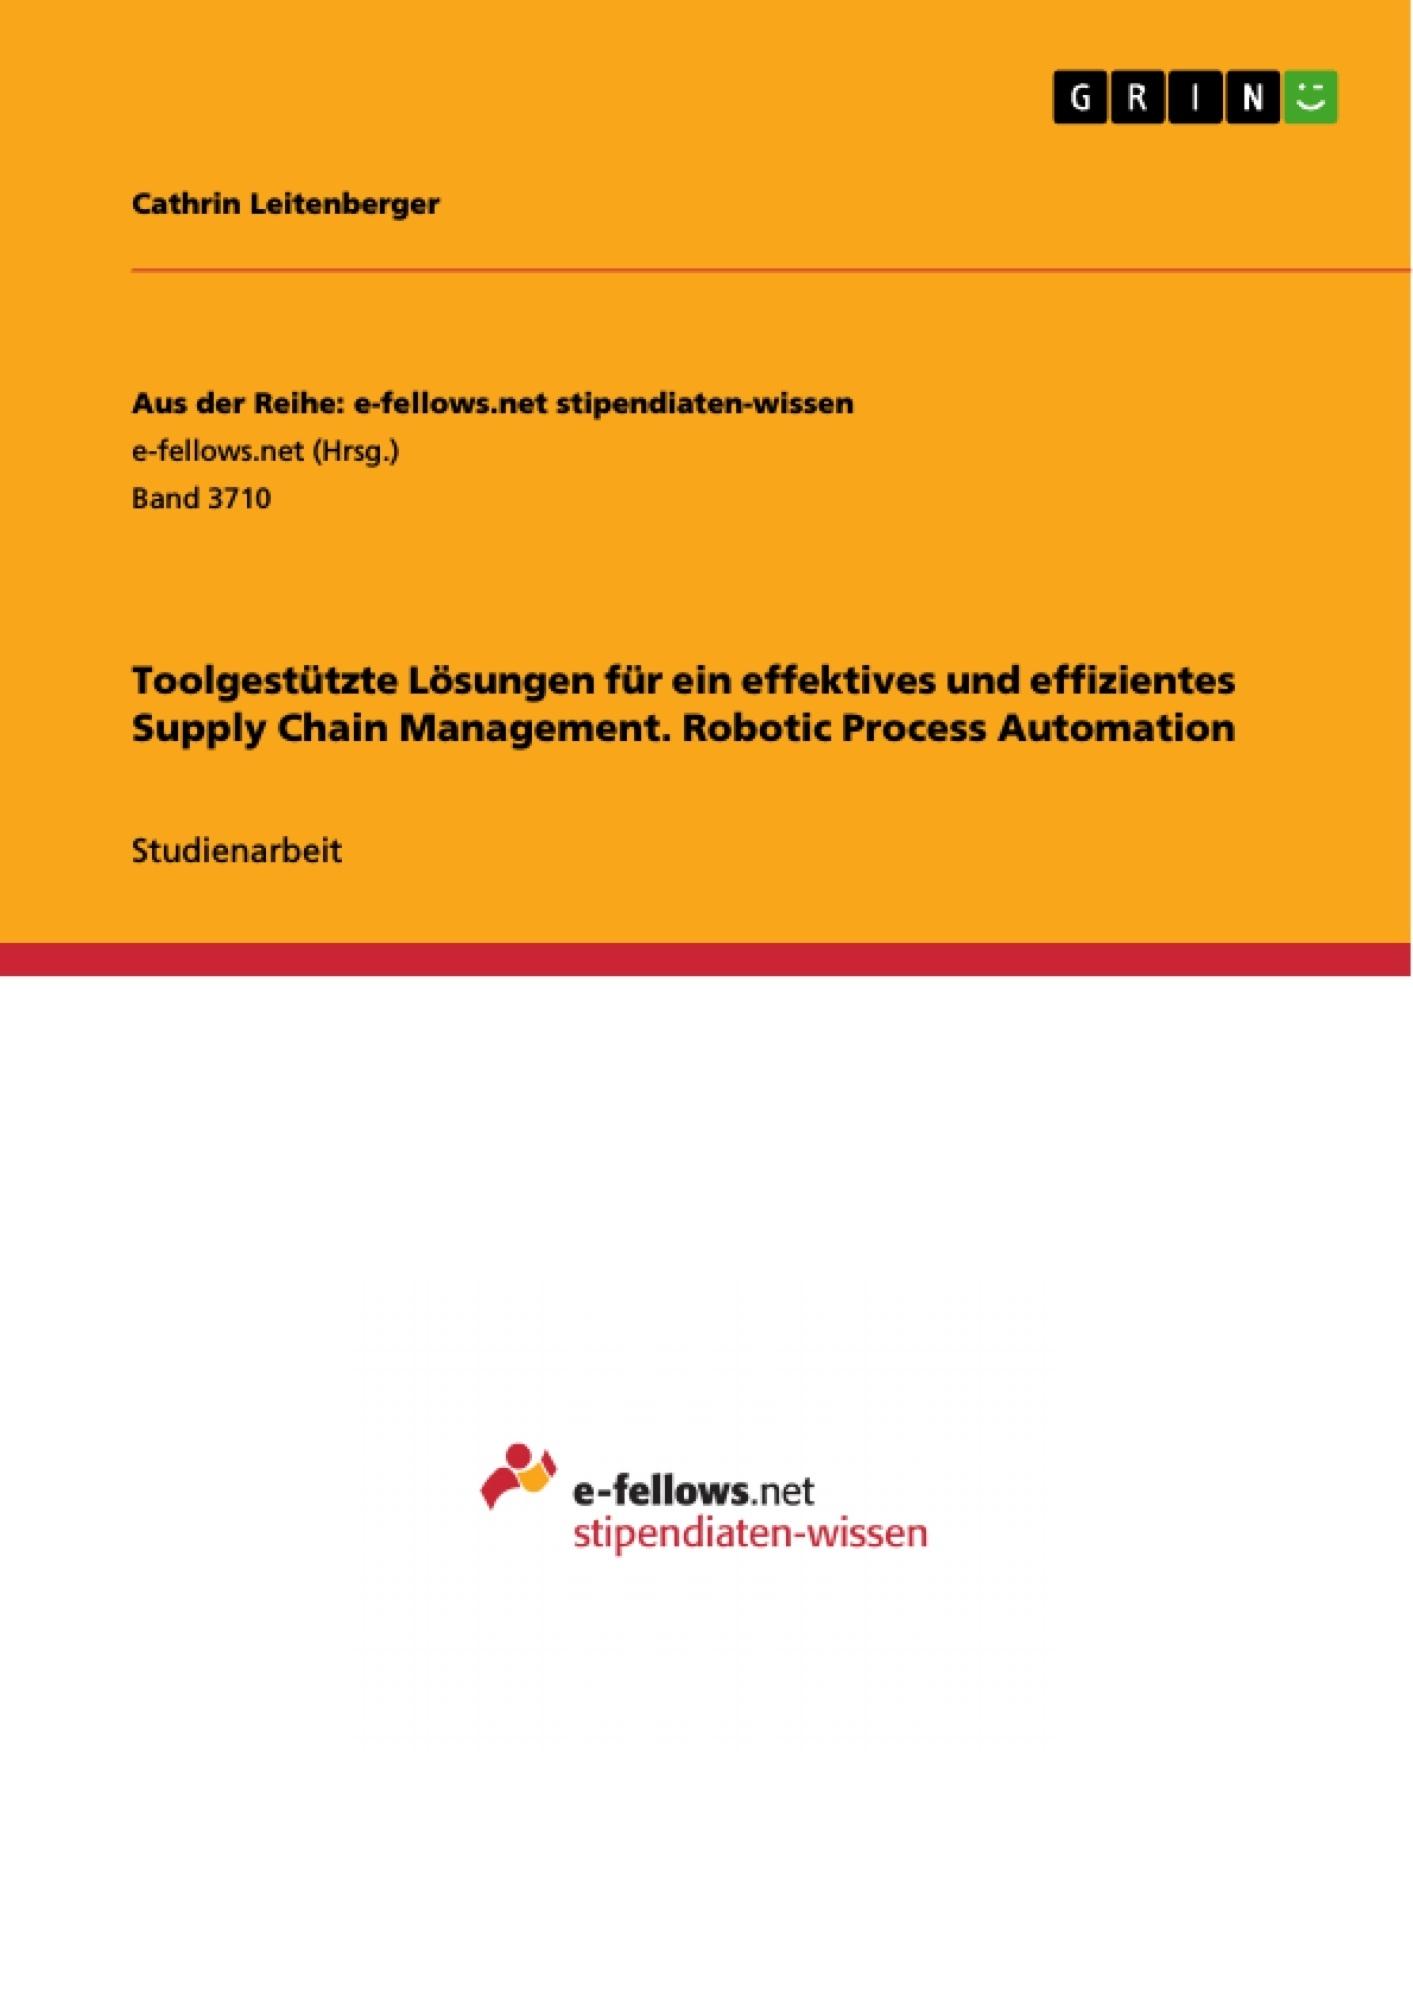 Titel: Toolgestützte Lösungen für ein effektives und effizientes Supply Chain Management. Robotic Process Automation